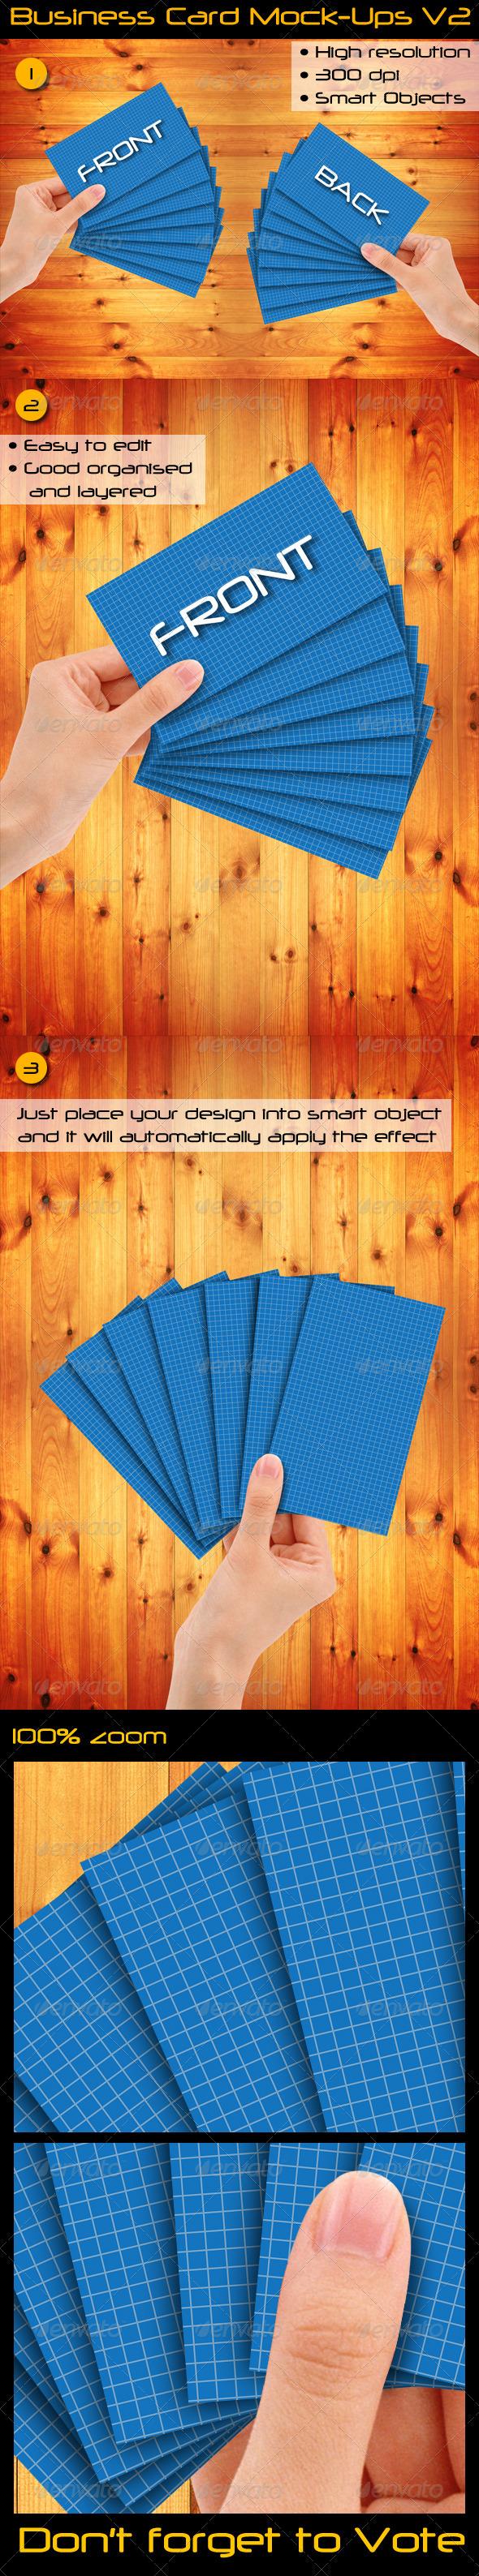 GraphicRiver Business Card Mock-Ups V2 3285275